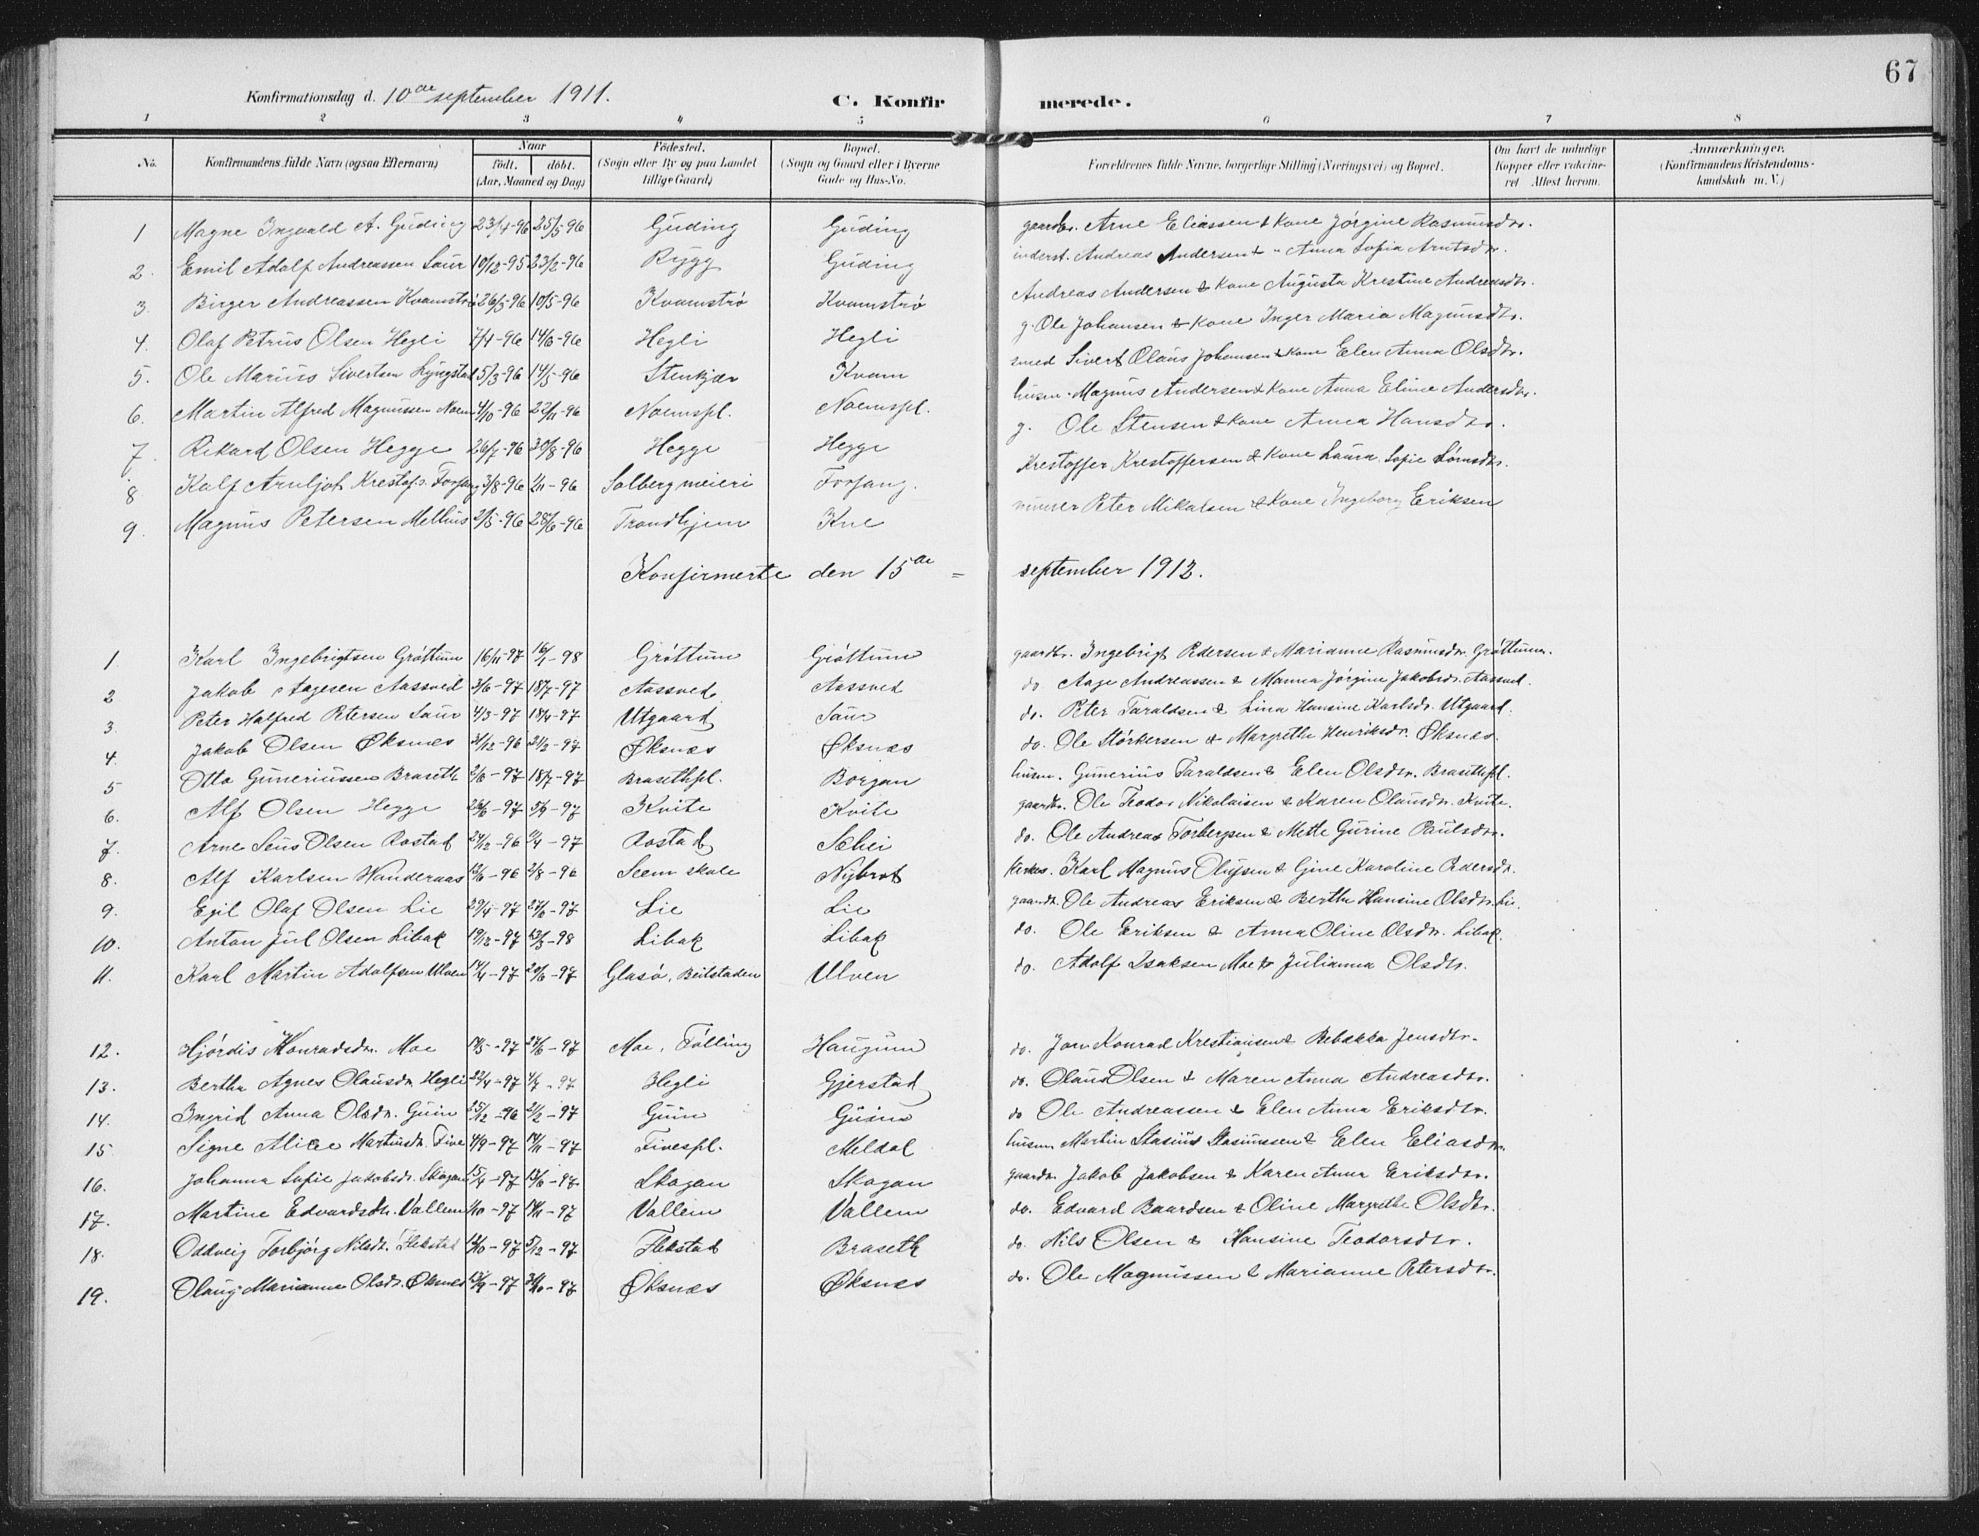 SAT, Ministerialprotokoller, klokkerbøker og fødselsregistre - Nord-Trøndelag, 747/L0460: Klokkerbok nr. 747C02, 1908-1939, s. 67